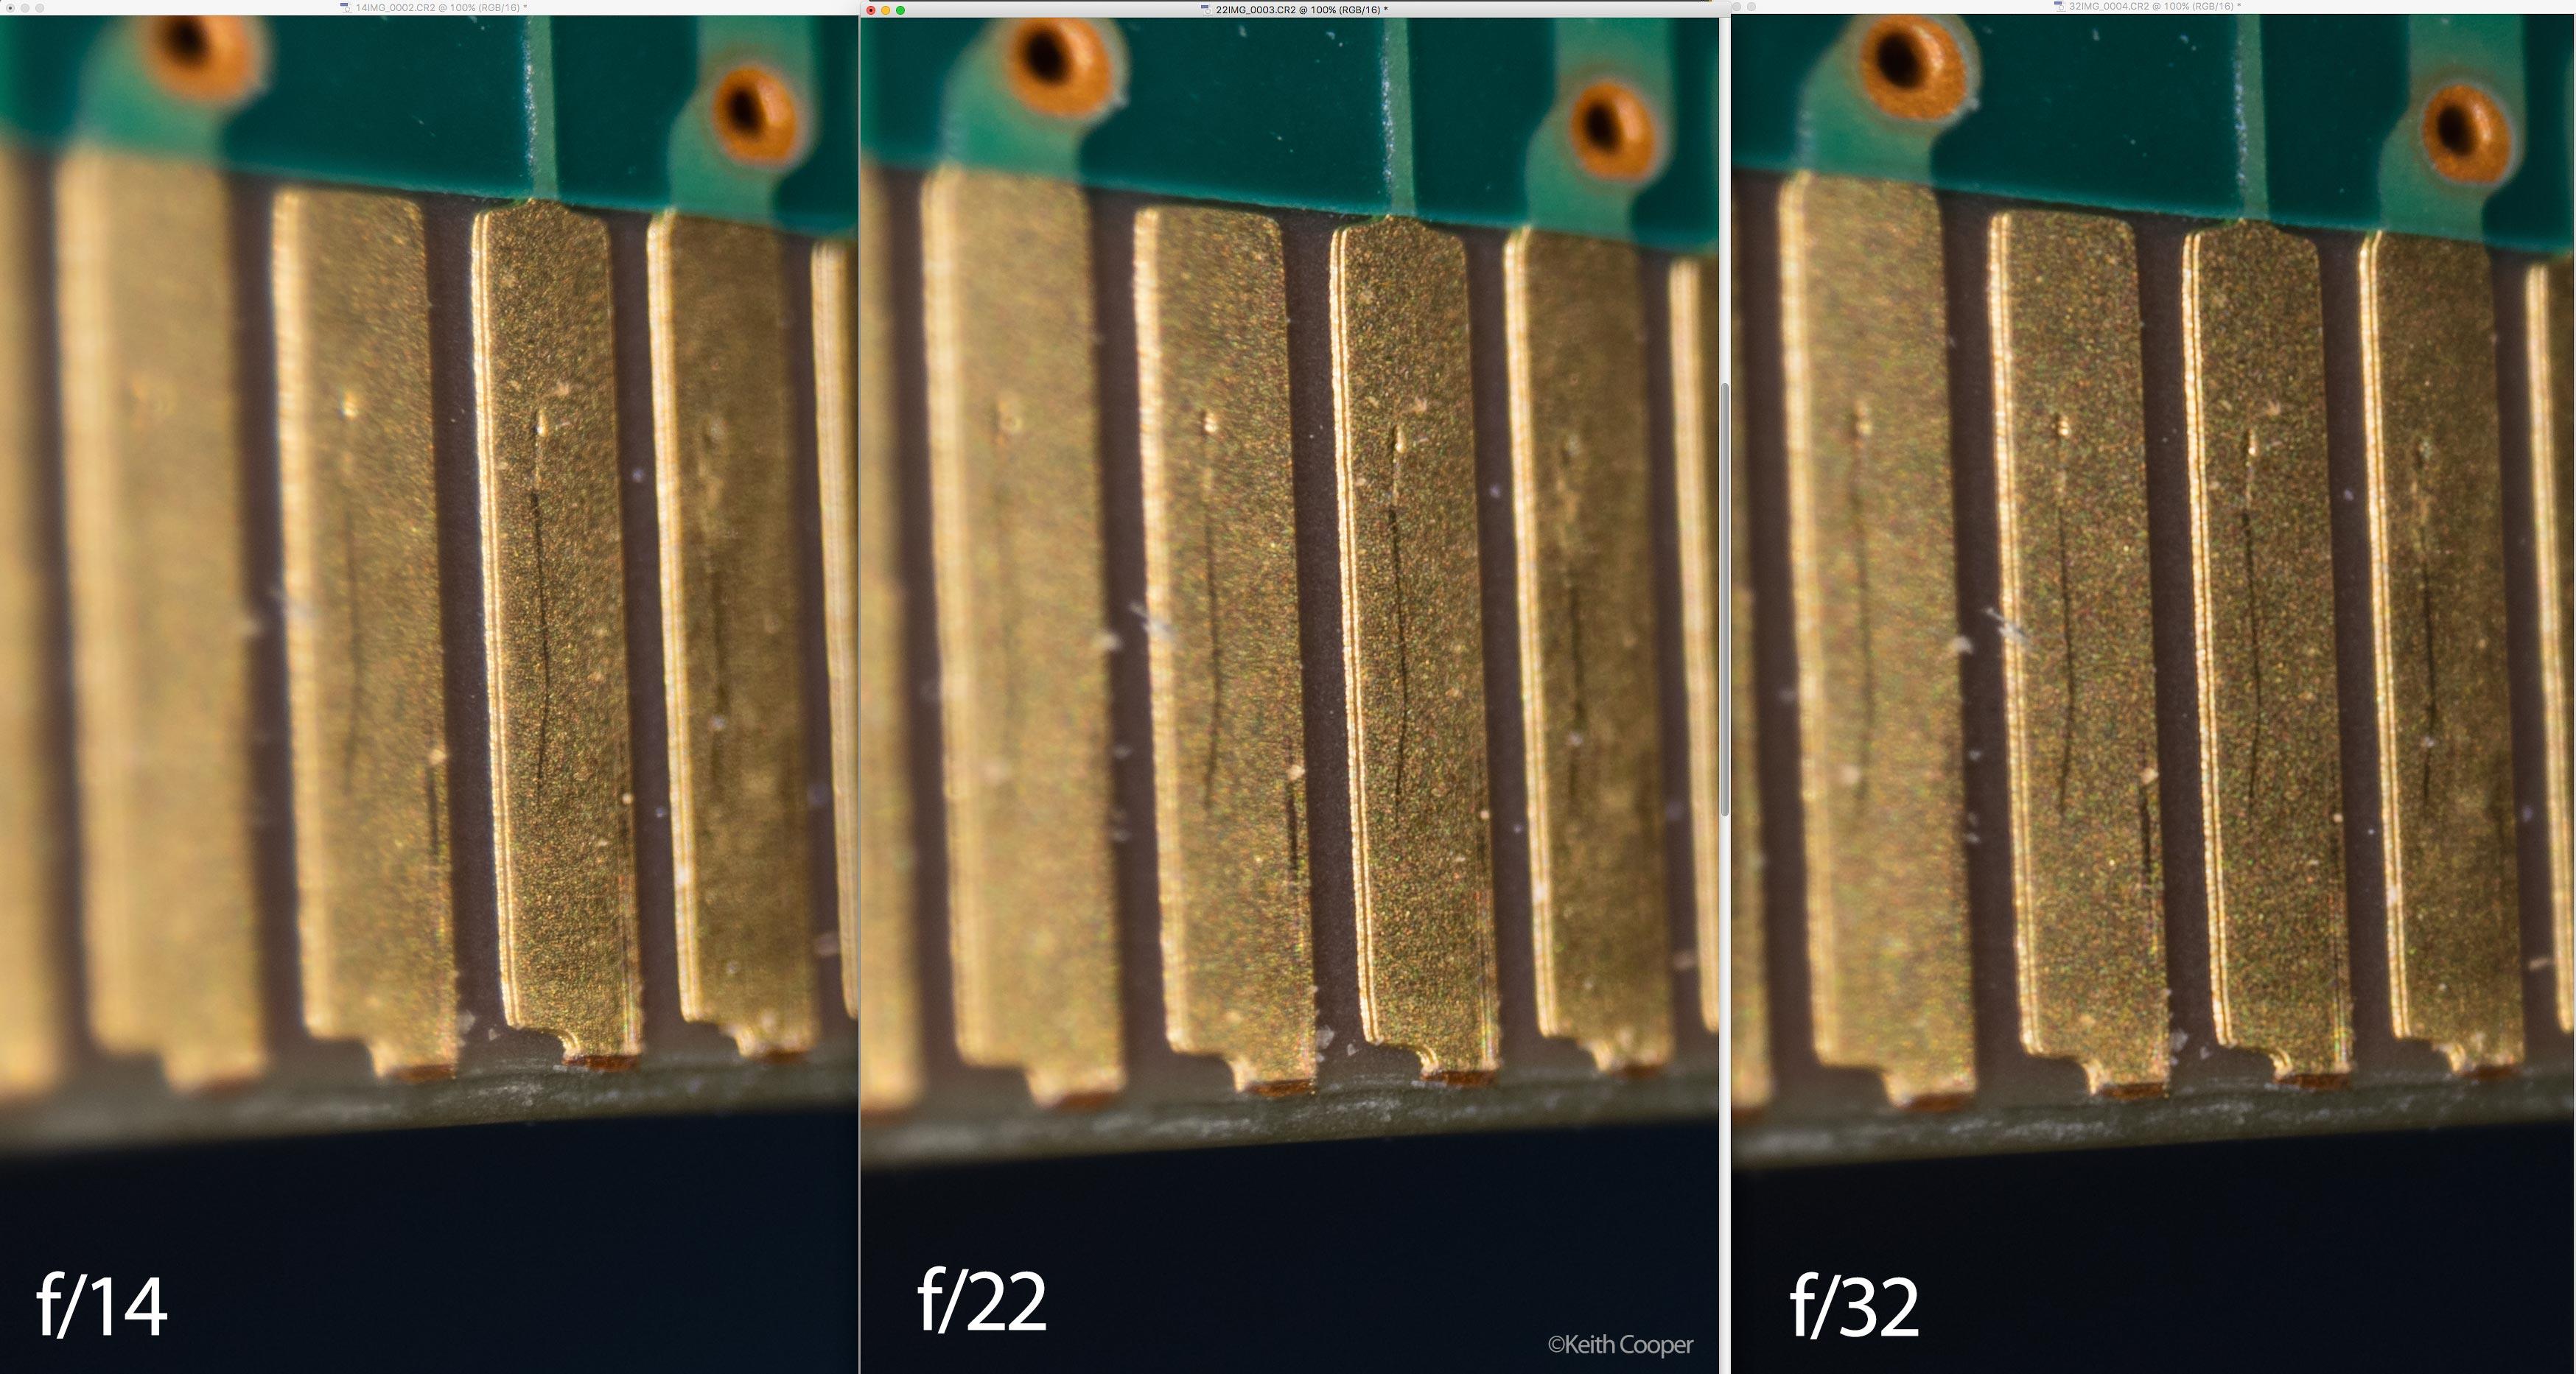 relay lens 100 percent